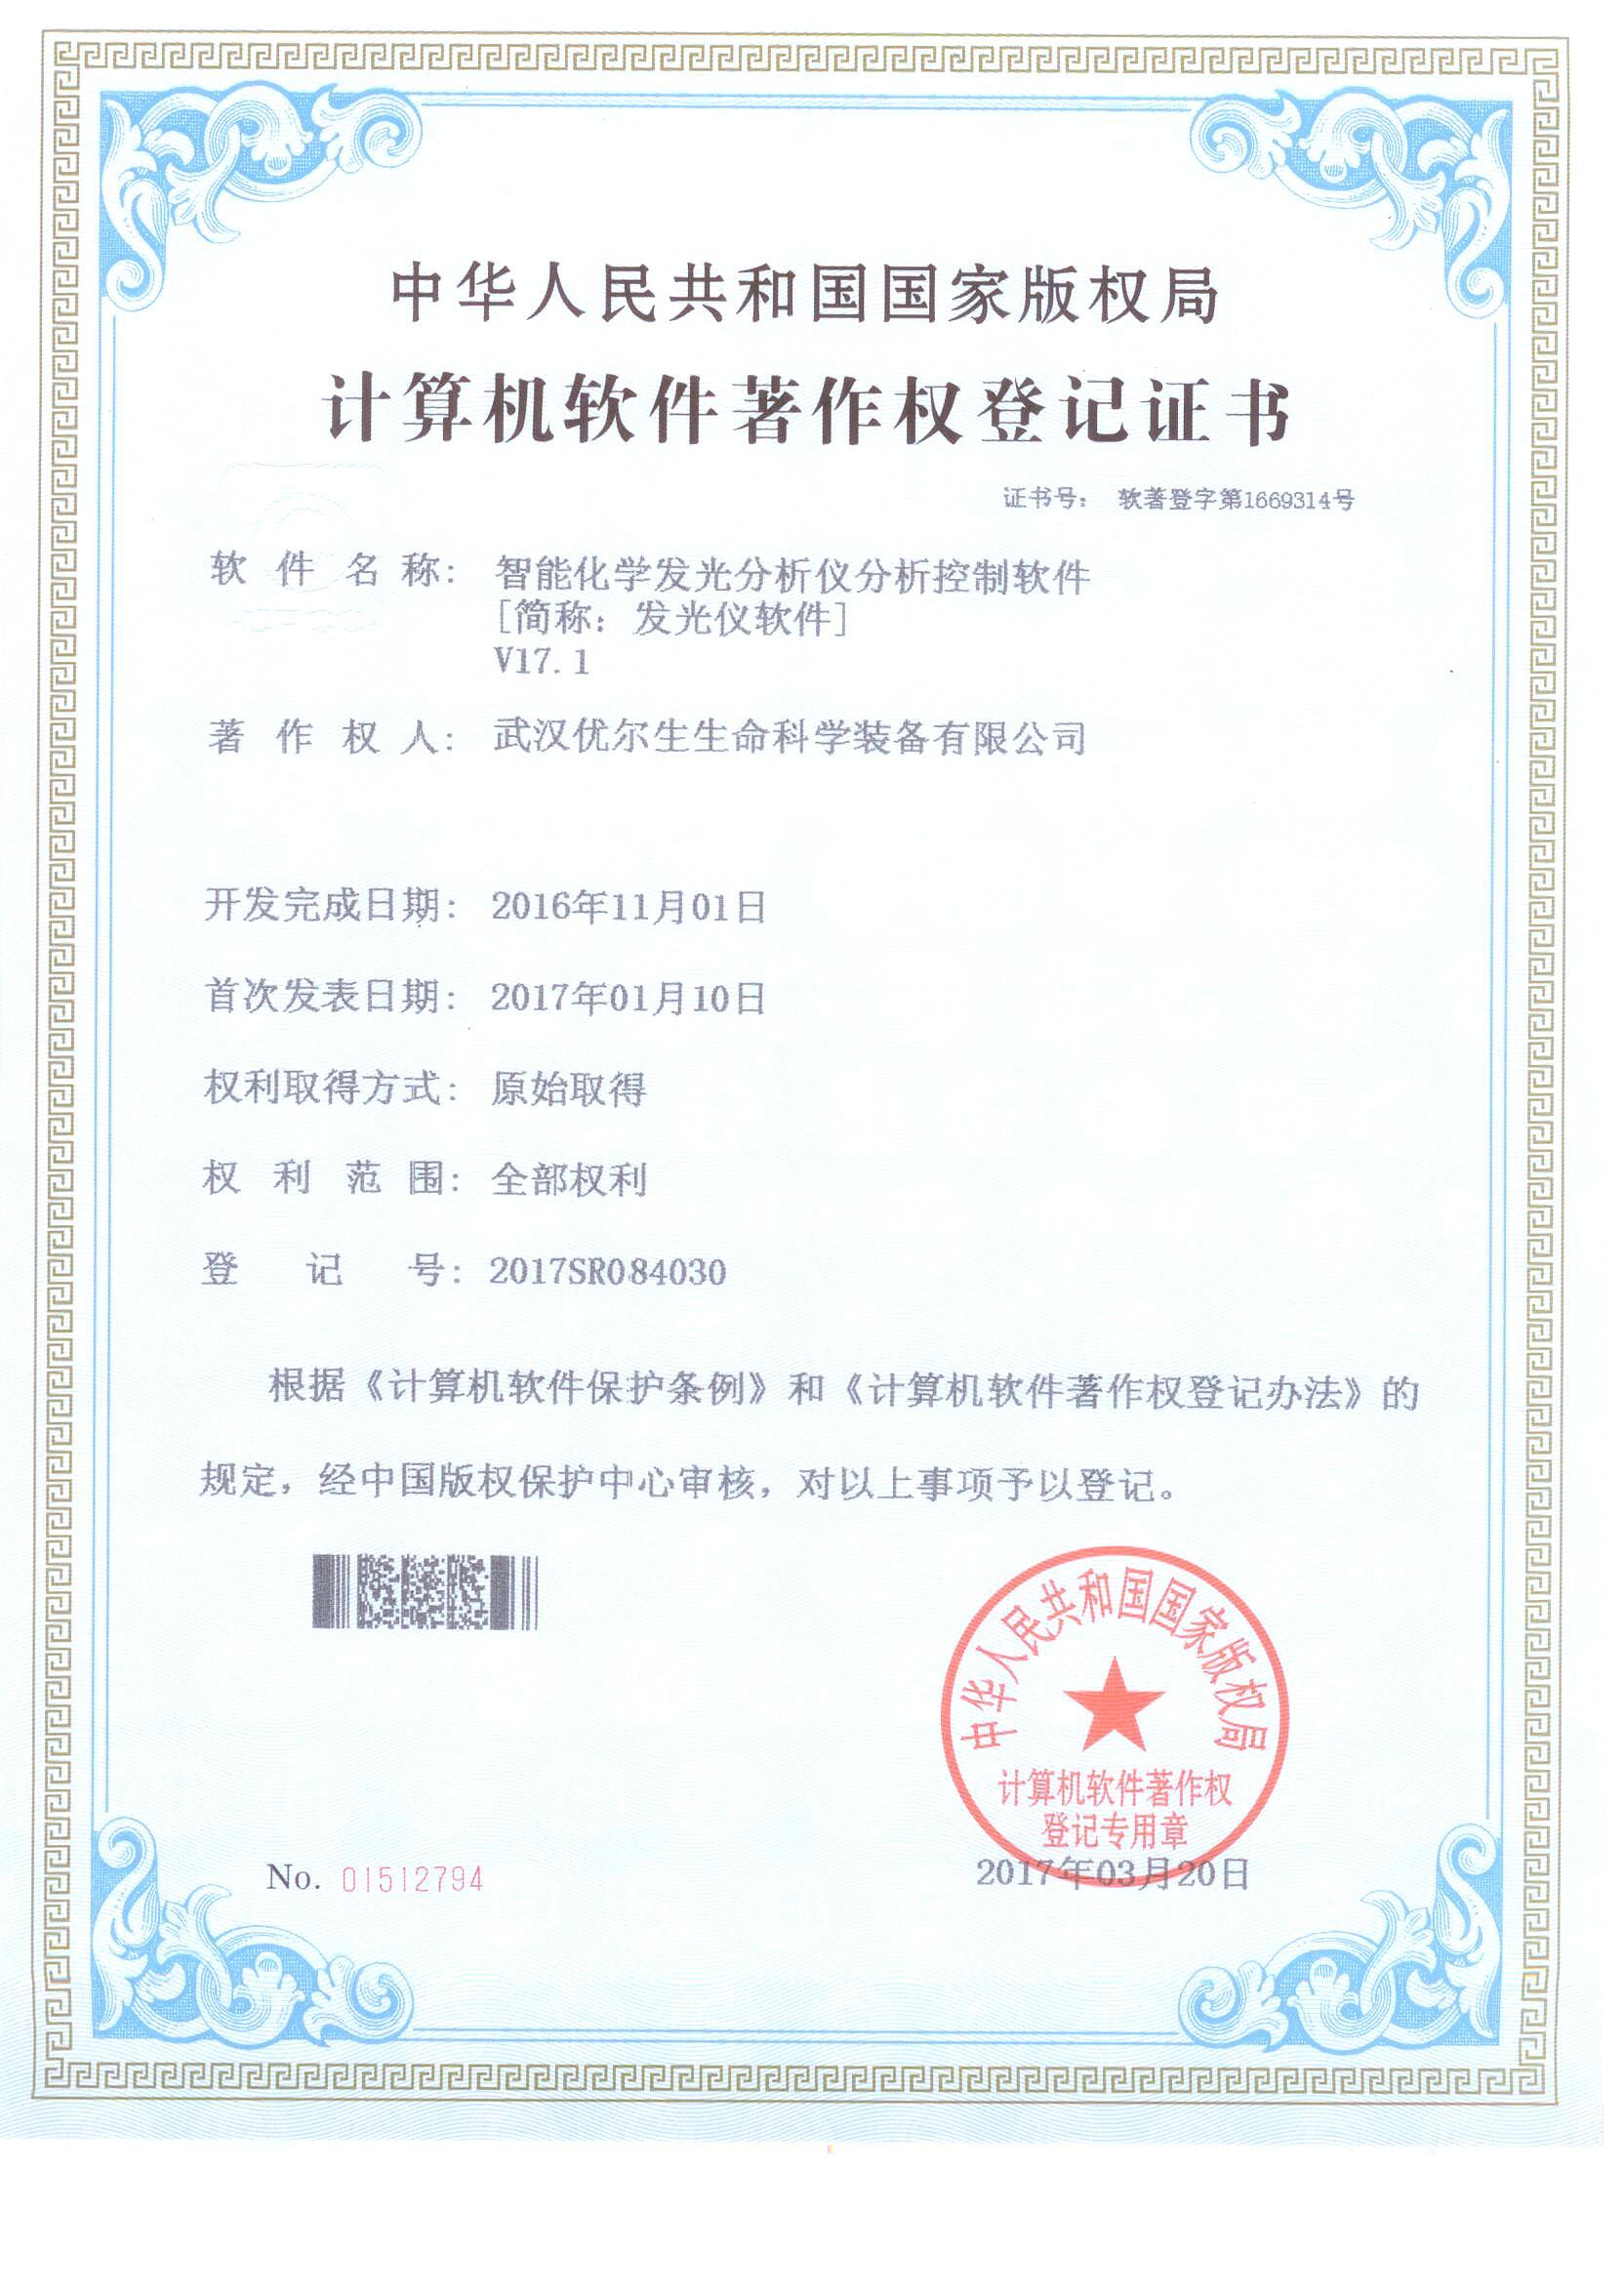 我司获得智能化学发光分析仪(发光仪)控制软件著作权登记证书